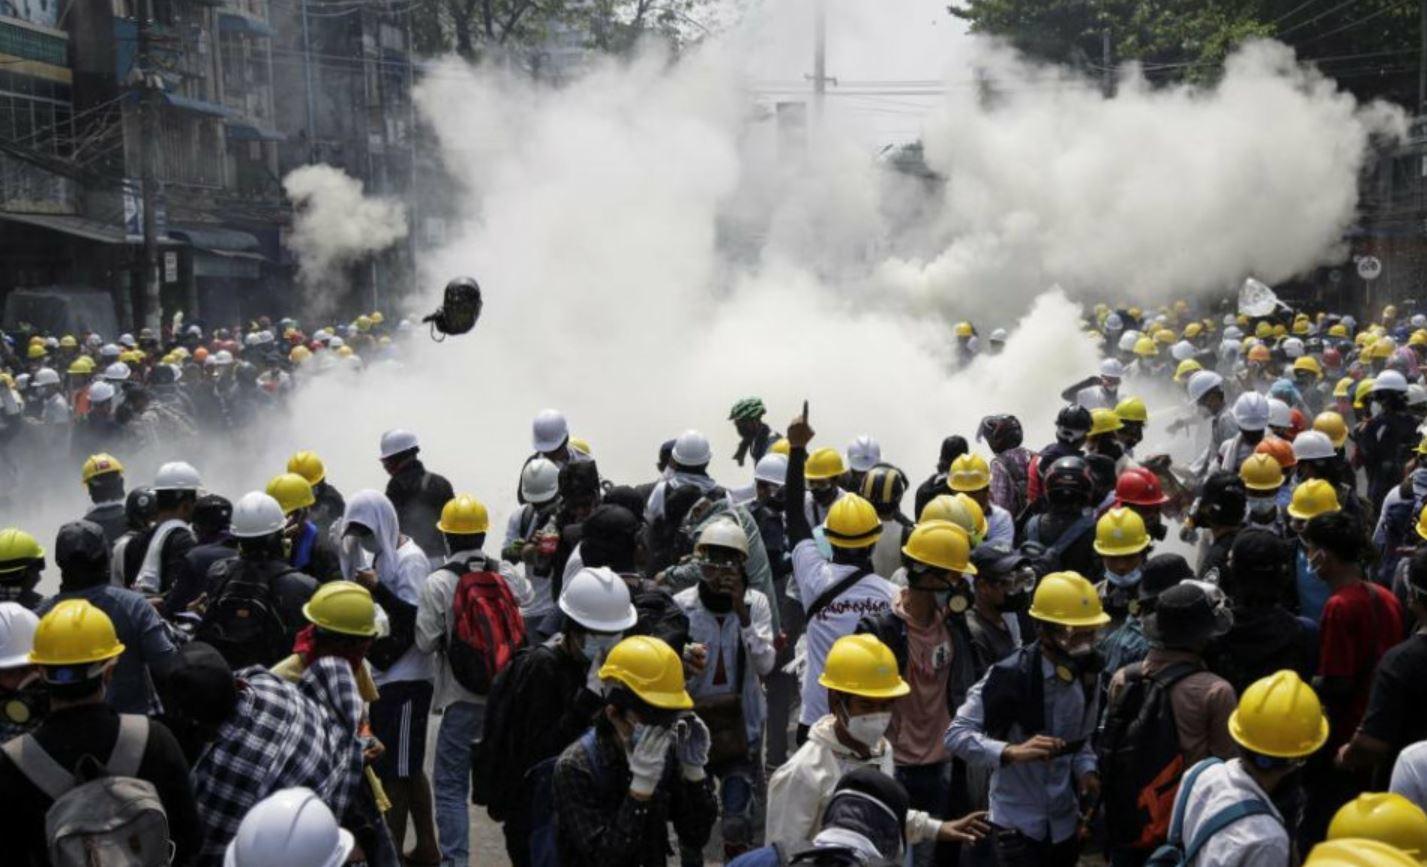 Los manifestantes huyen de los gases lacrimógenos lanzados por la policía durante una manifestación en contra del golpe de estado en las calles de Rangún.